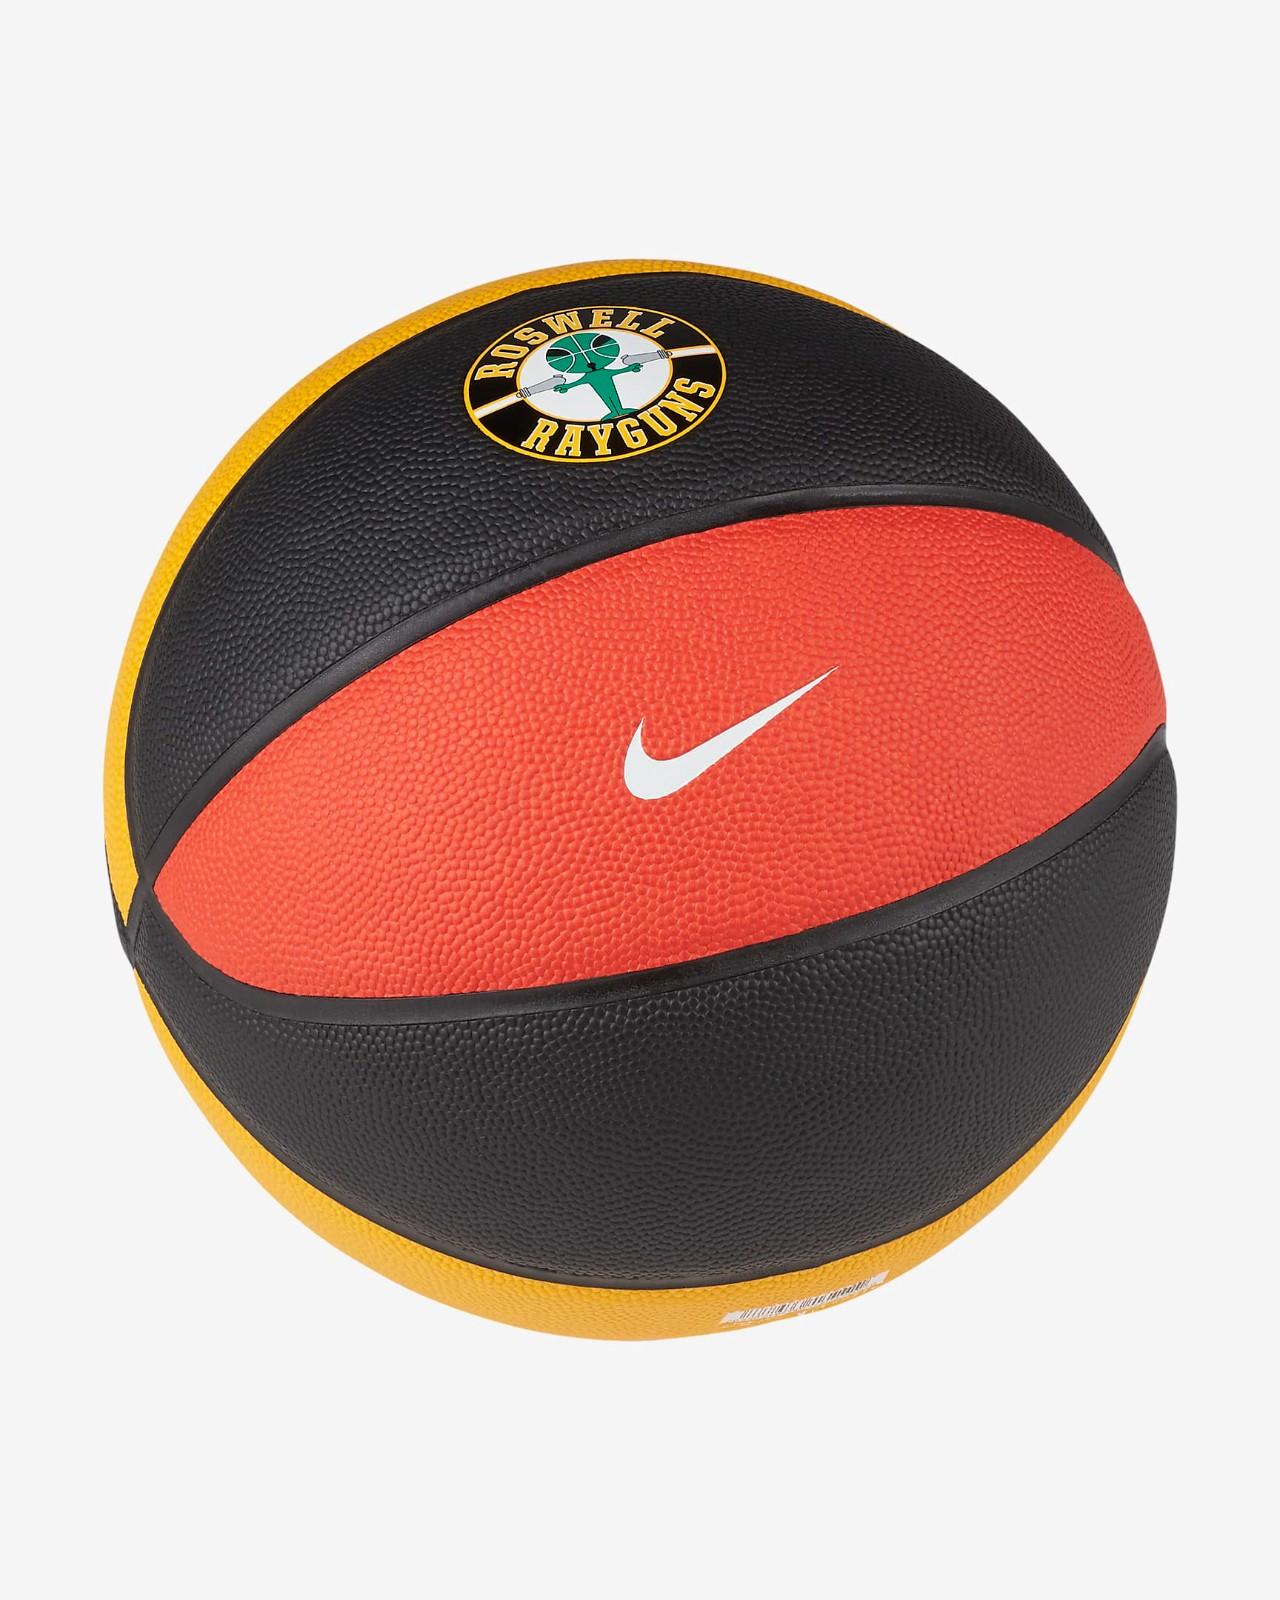 NIKE 耐克 Rayguns 篮球 DD3421-057 黑橙 7号/标准